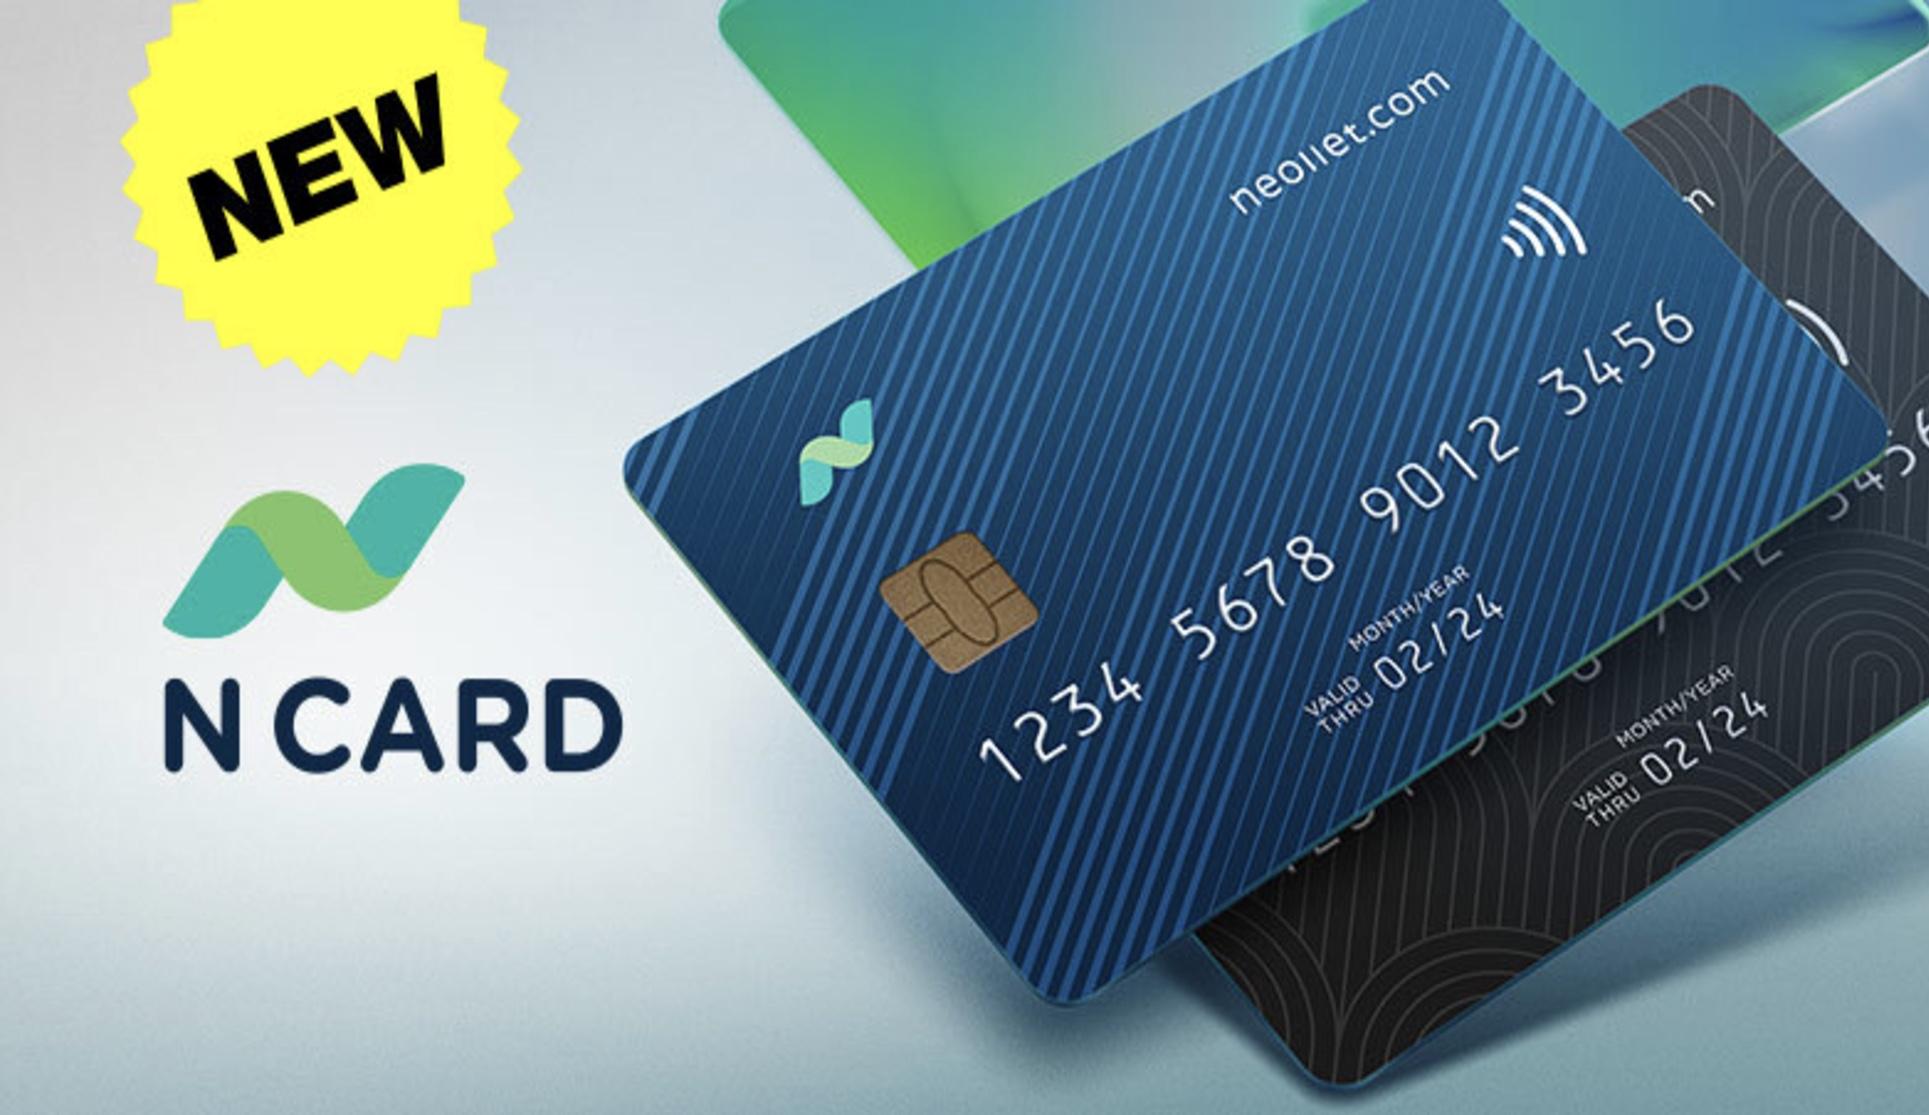 ევროპაბეთის N Card – პირველი ბარათი სათამაშო ბიზნესში EMV ტექნოლოგიის ჩიპით